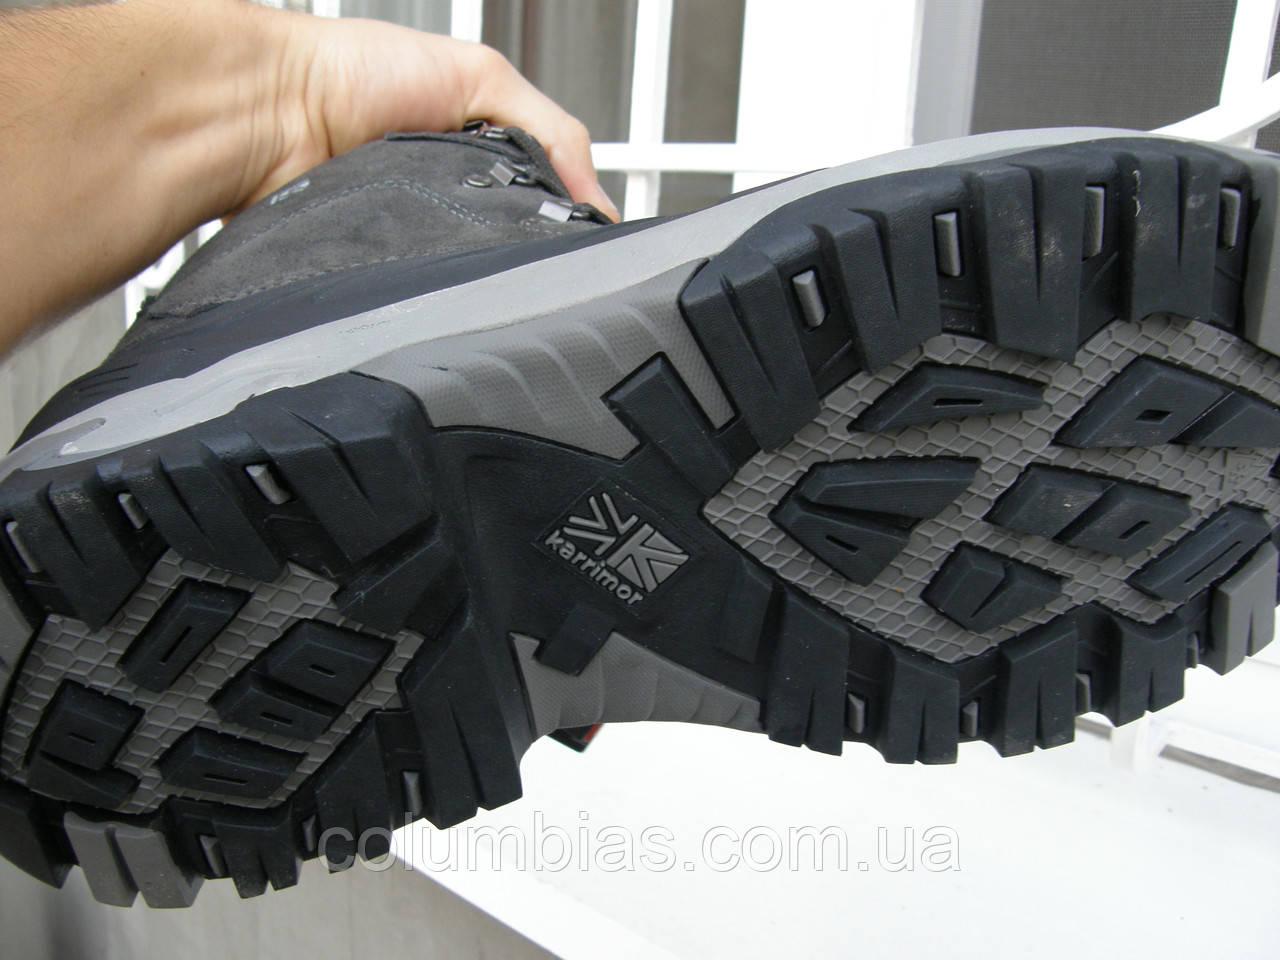 Зимние непромокаемые,мембранные ботинки Karrimor Snowfur Mens Boots - ВЕСЬ ТОВАР В НАЛИЧИИ. ЗВОНИТЕ В ЛЮБОЕ  ВРЕМЯ ! в Днепропетровской области